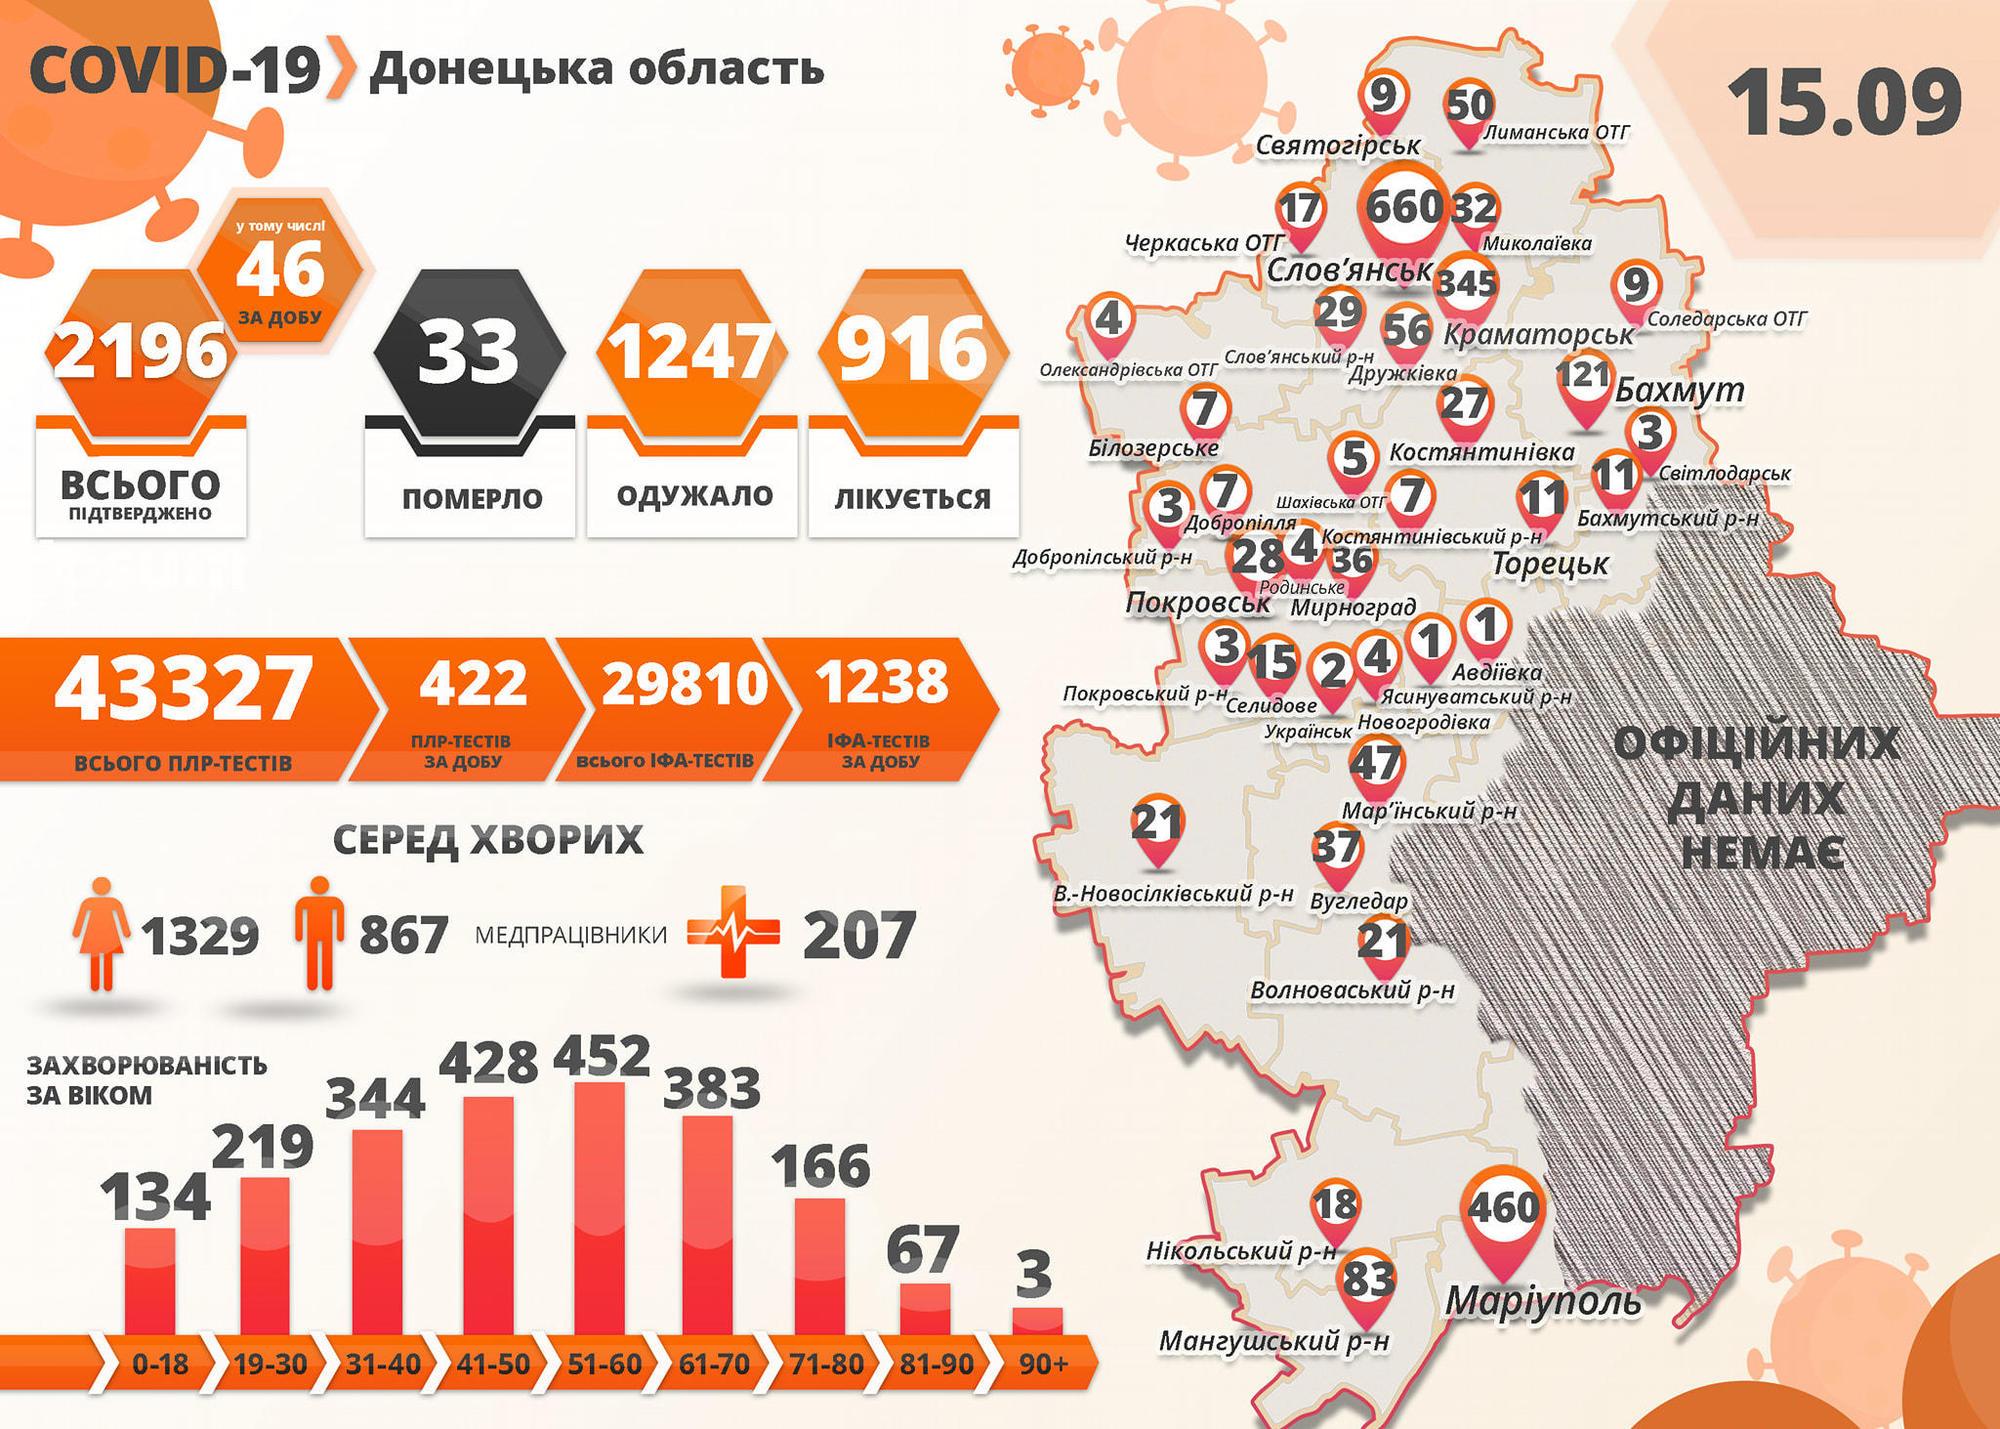 коронавирус Донецкая область заболеваемость